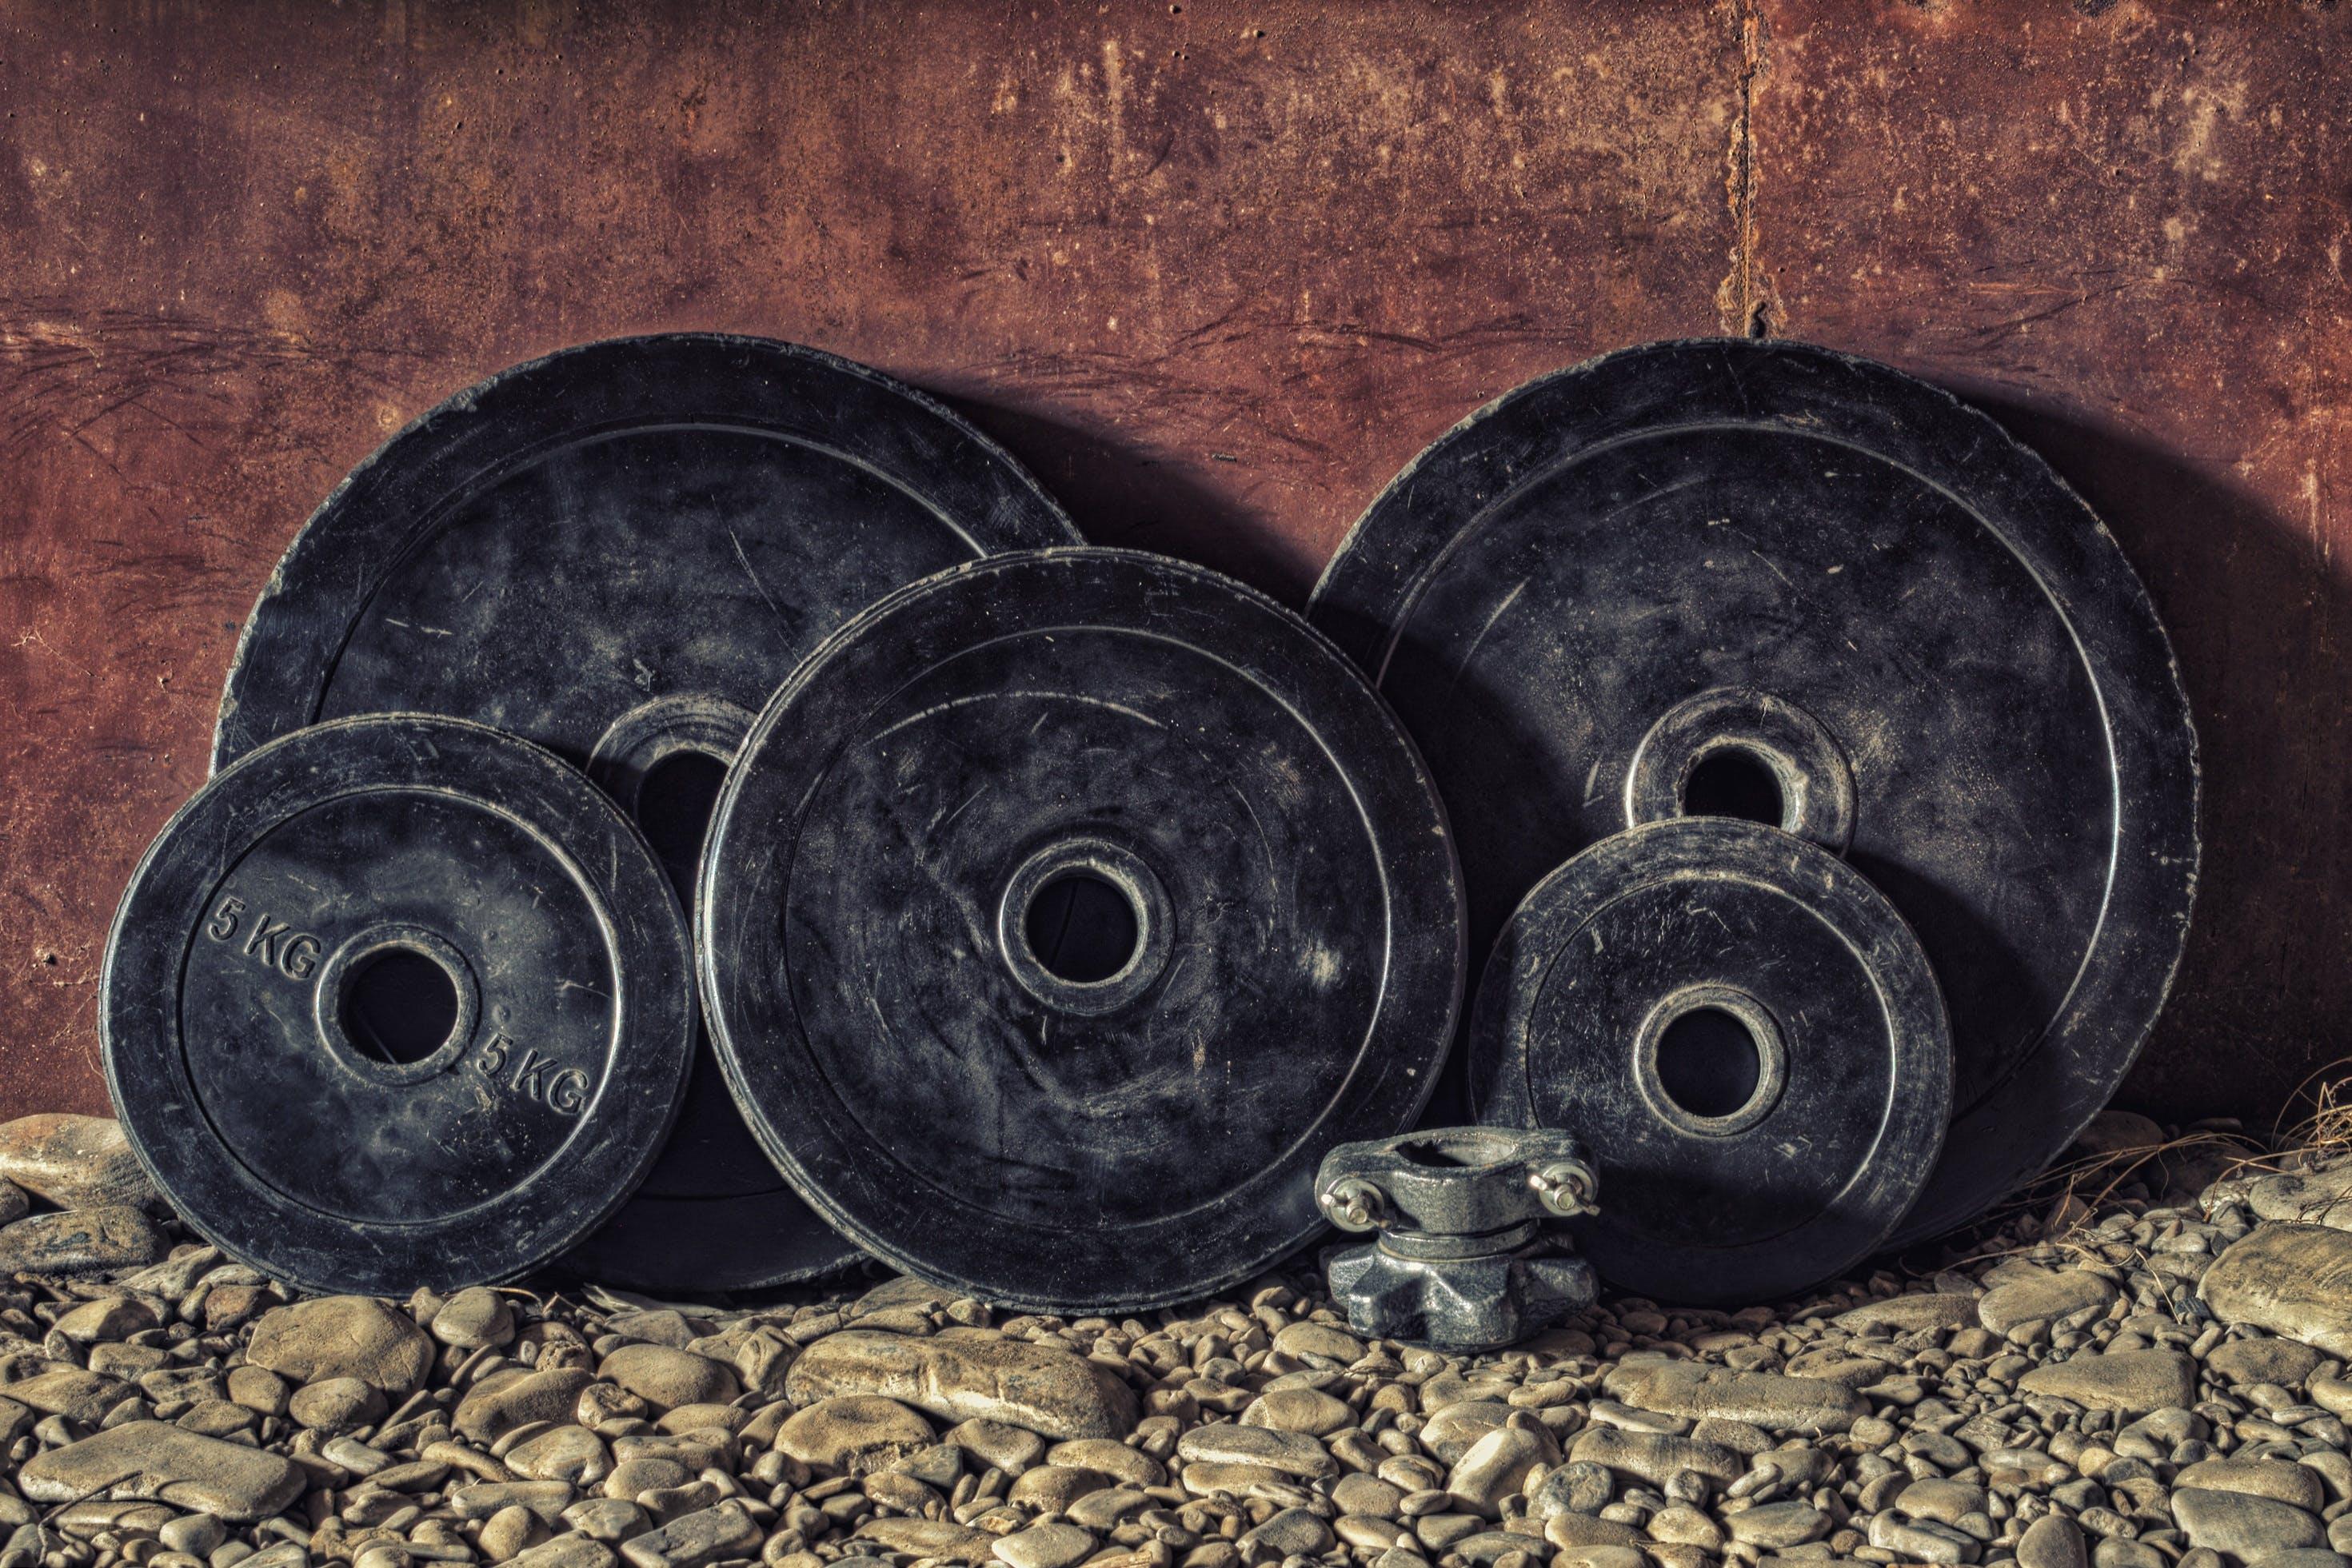 Δωρεάν στοκ φωτογραφιών με άρση βαρών, ατσάλι, βάρος, βαρύς